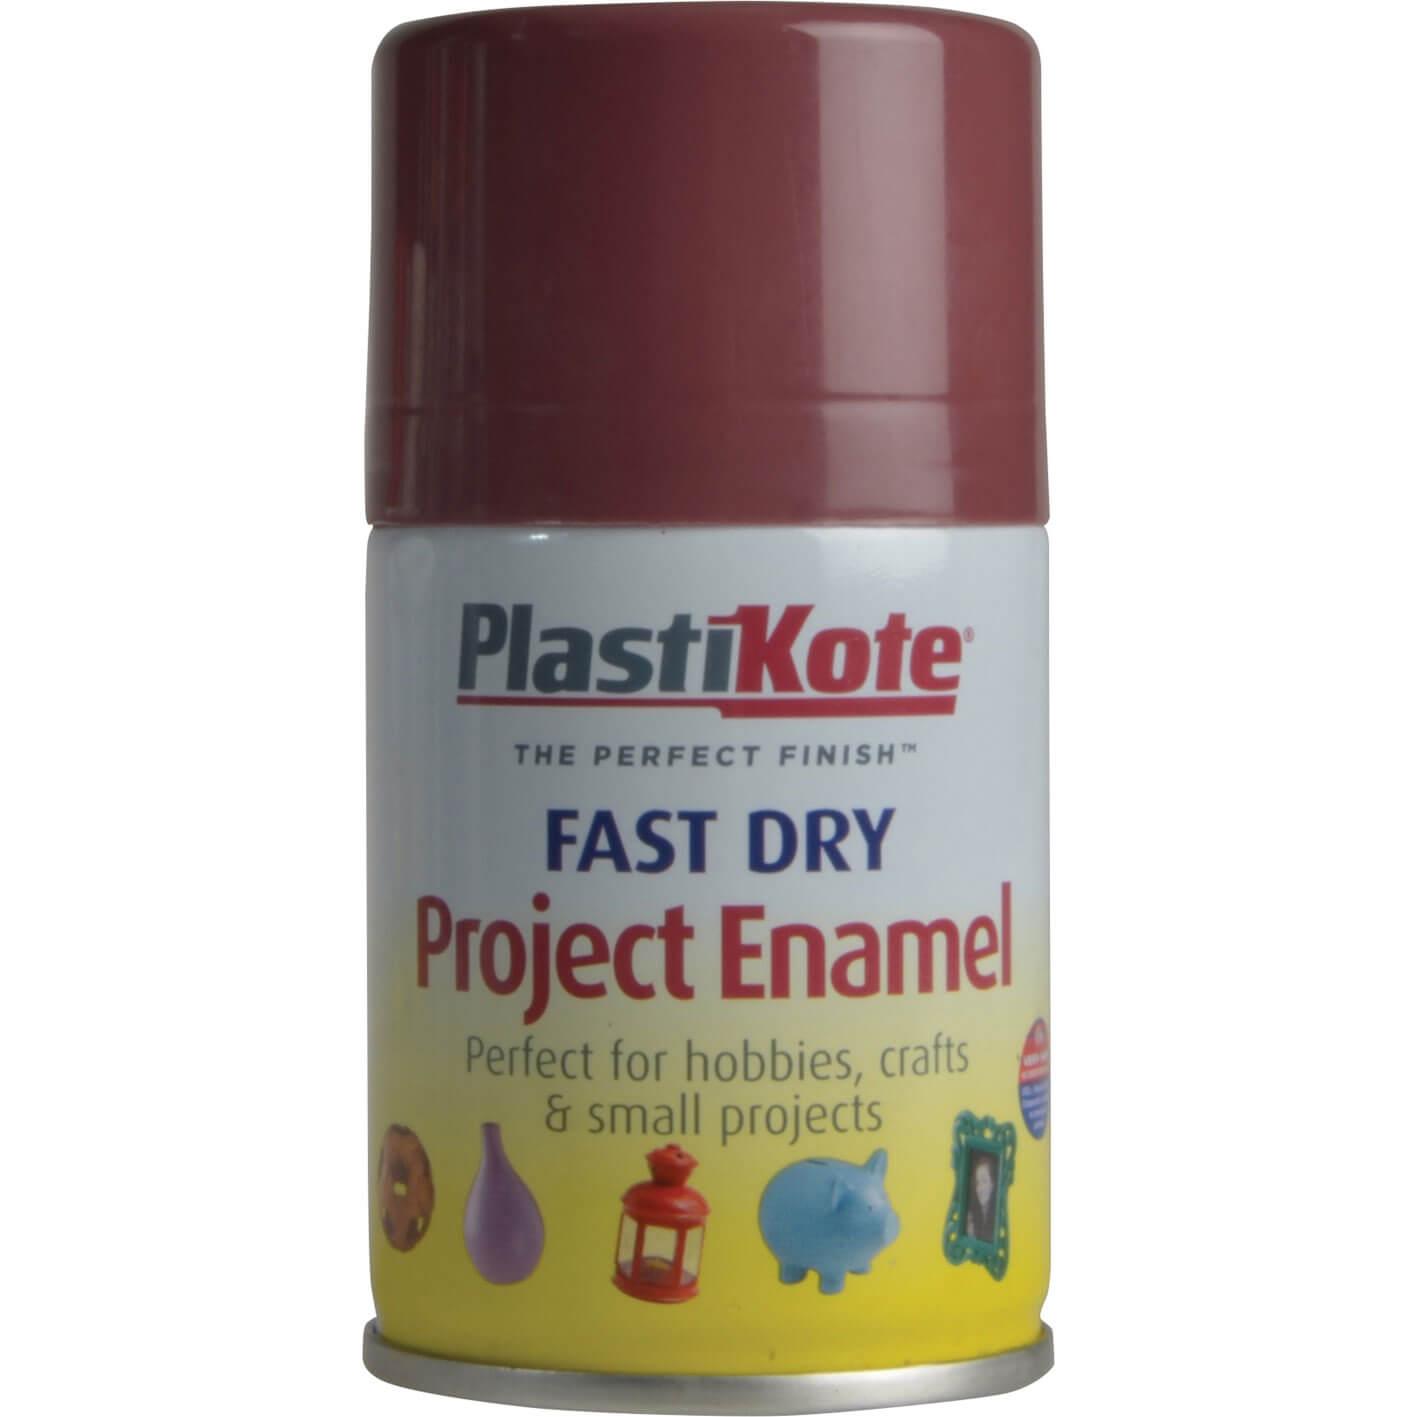 Image of Plastikote Dry Enamel Aerosol Spray Paint Aubergine 100ml